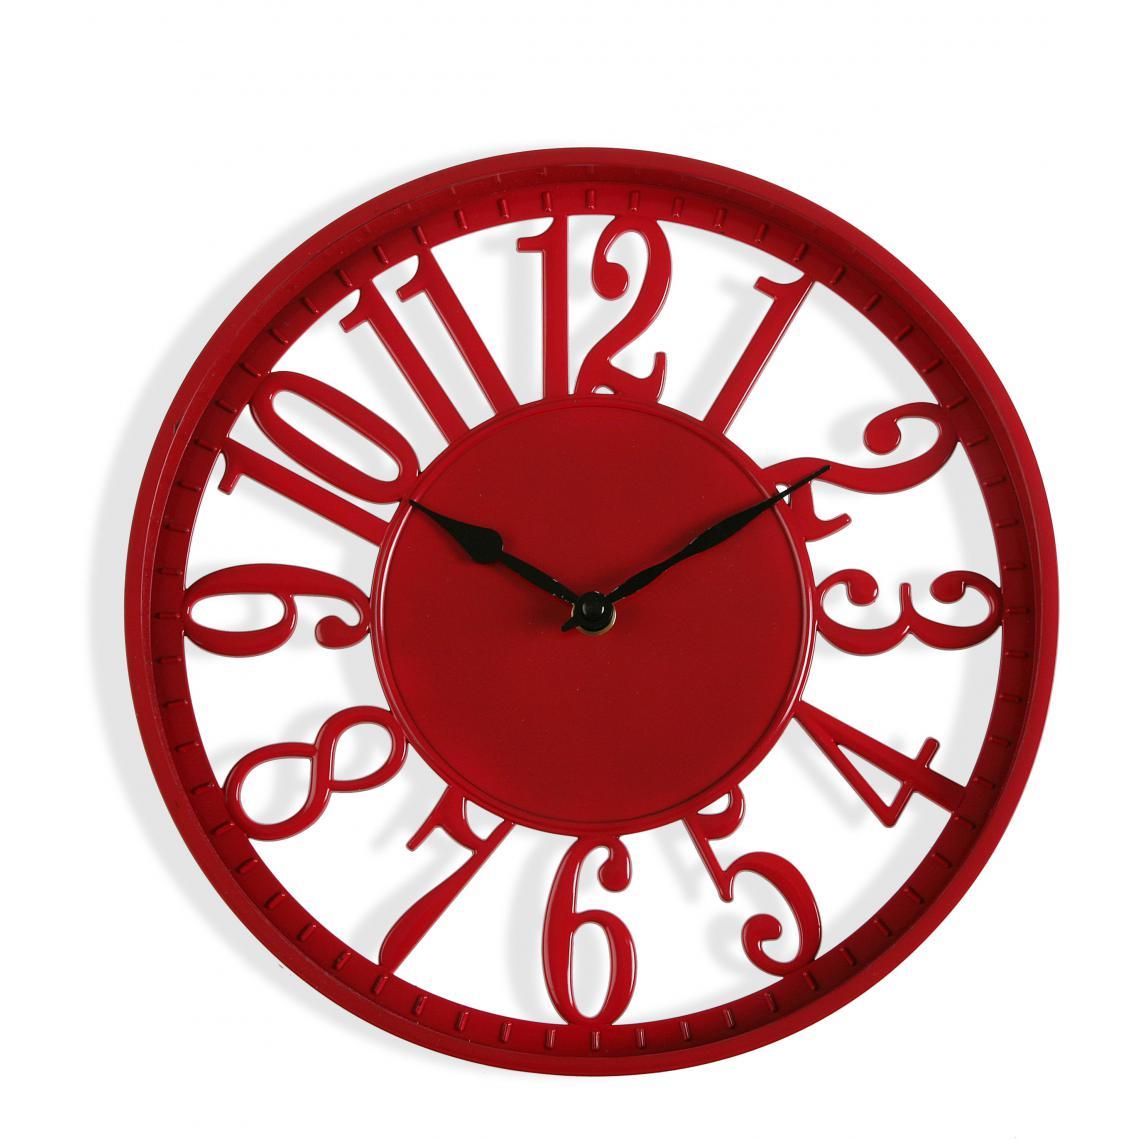 Horloge Murale Rouge 15cm COXY 15 Avis Plus de détails